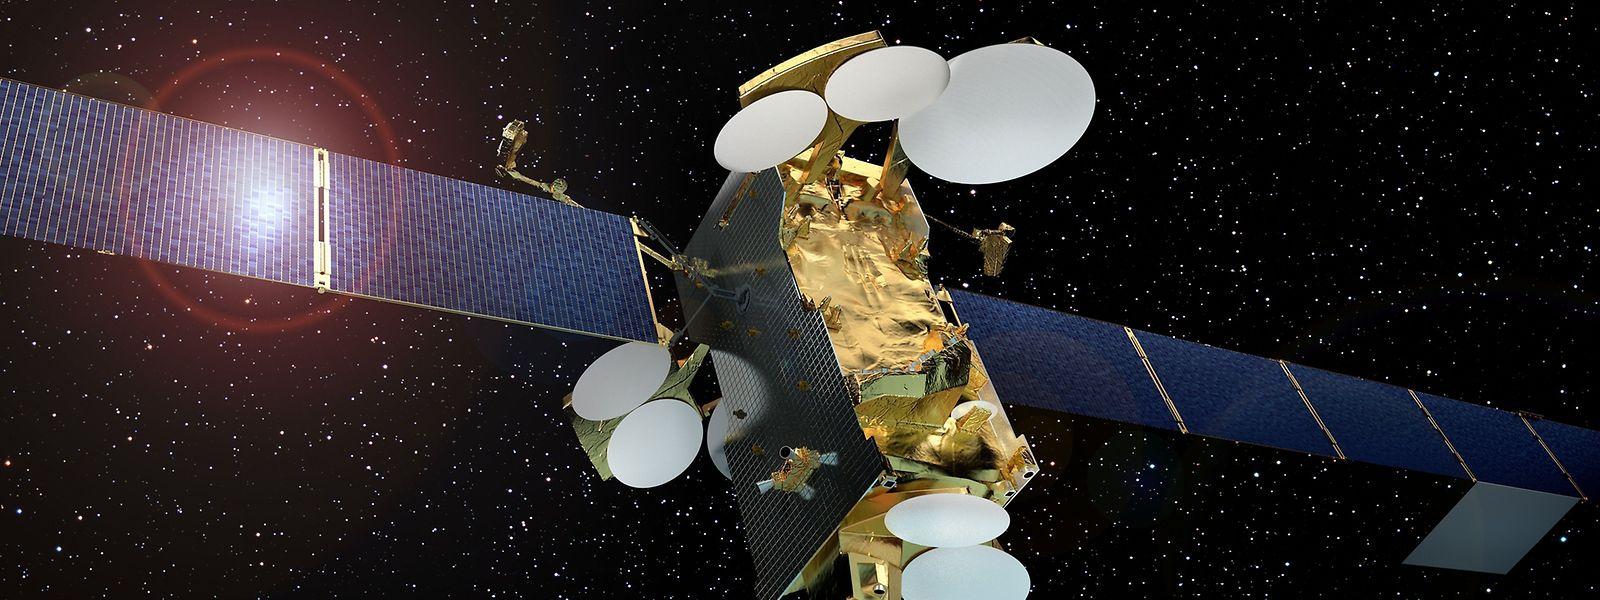 SES-12, der leistungsstärksteTelekommunikations-Satellit von SES, wird Ende 2017 ins Weltall starten.